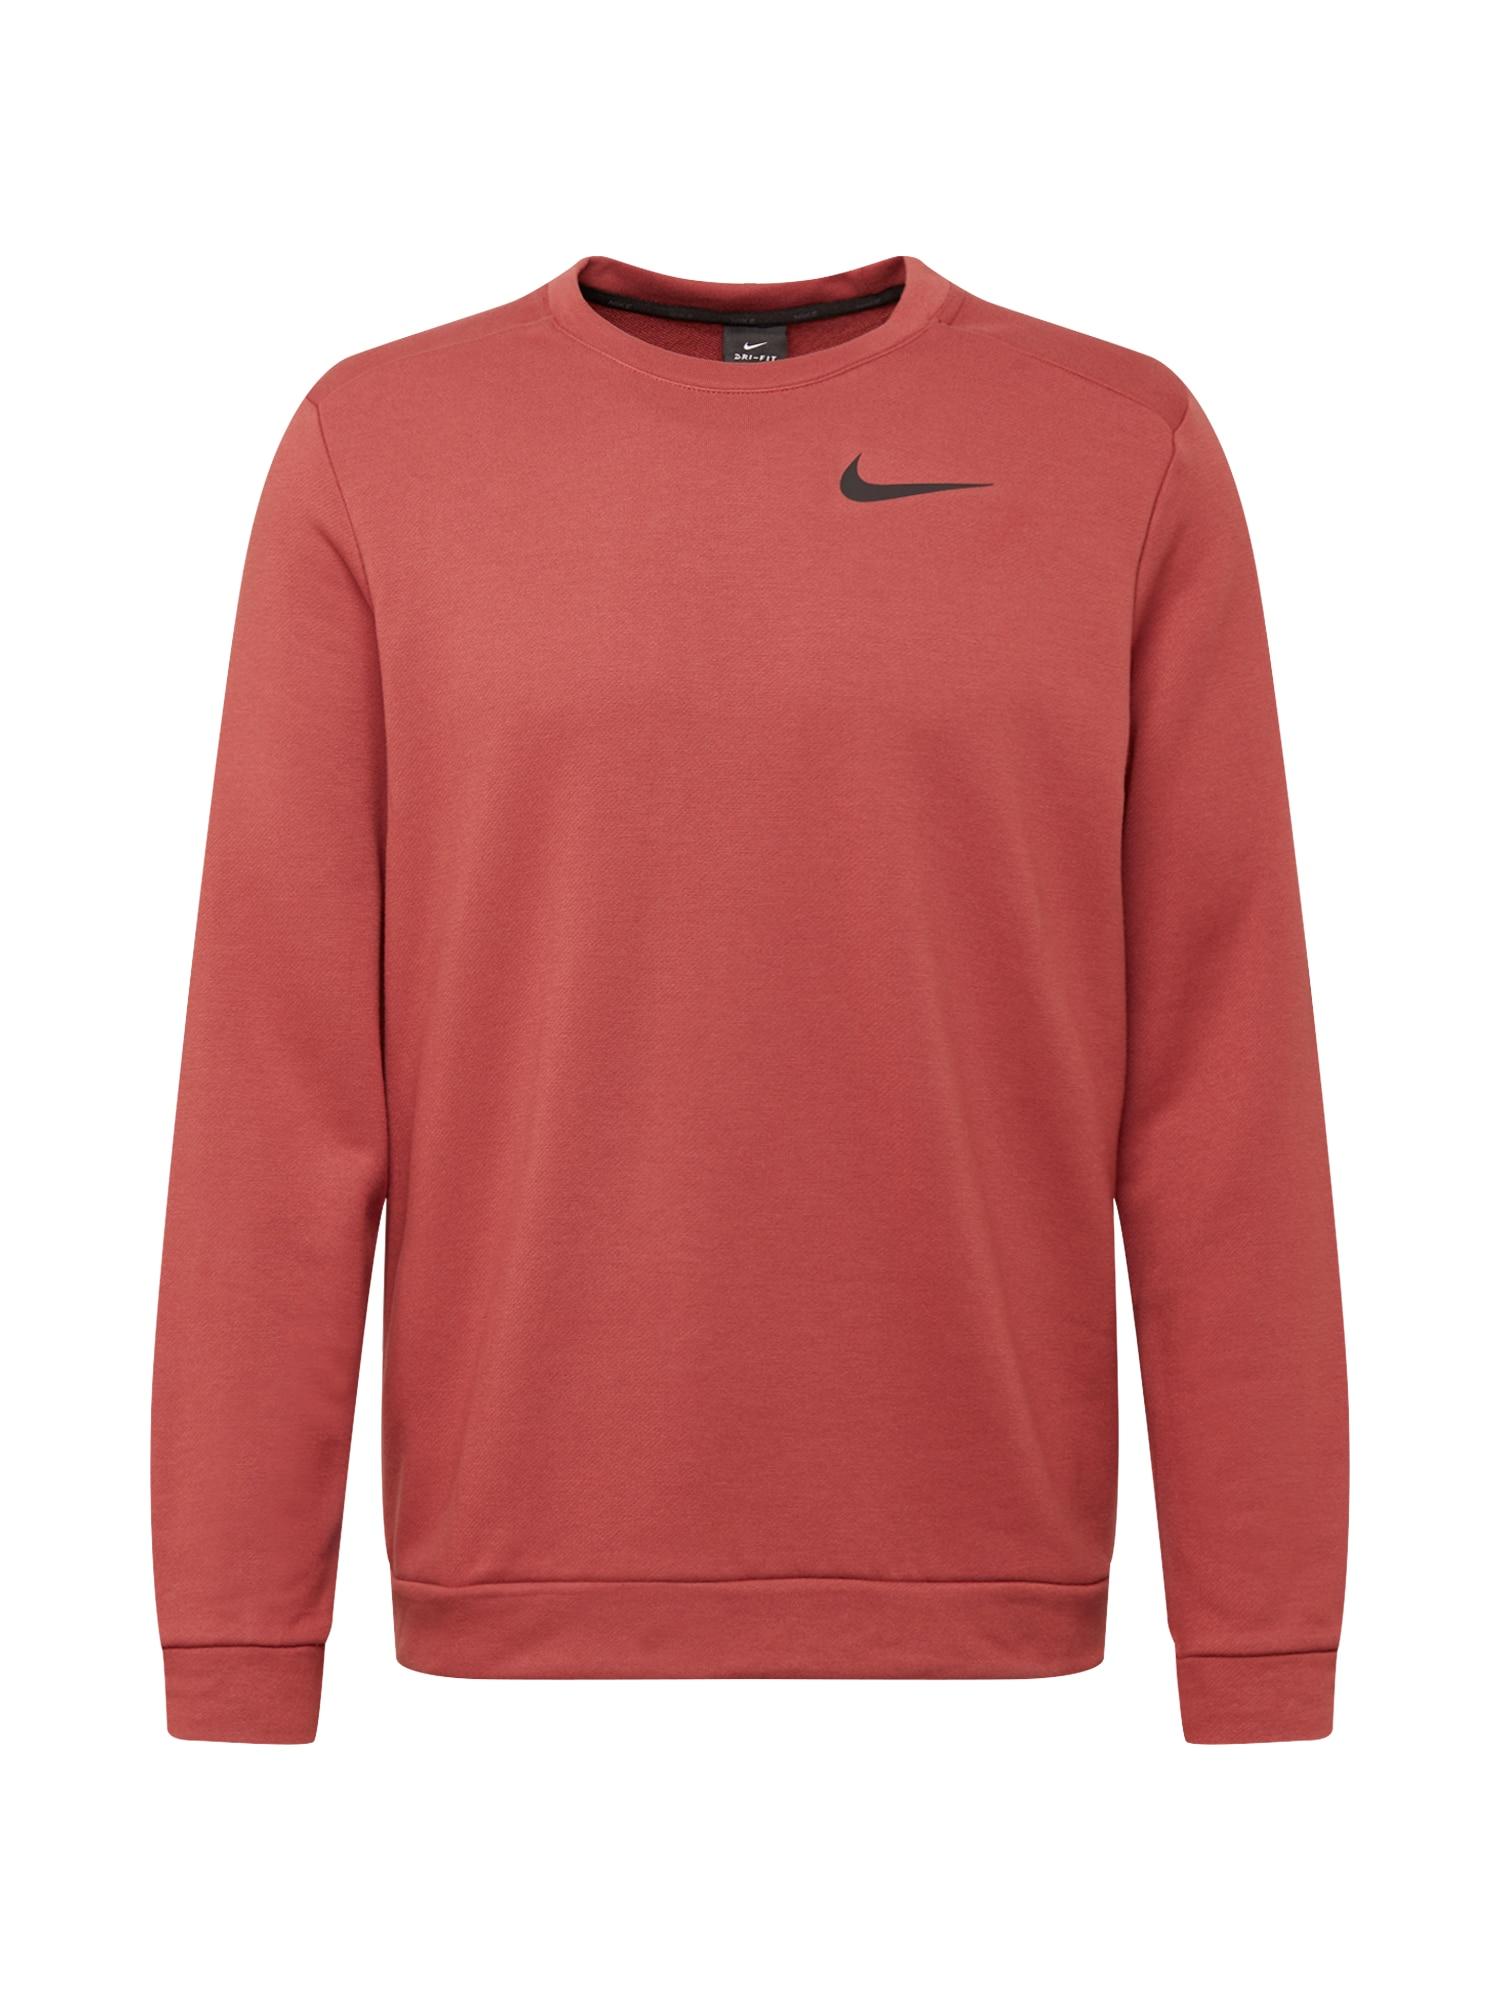 NIKE Sportinio tipo megztinis raudona